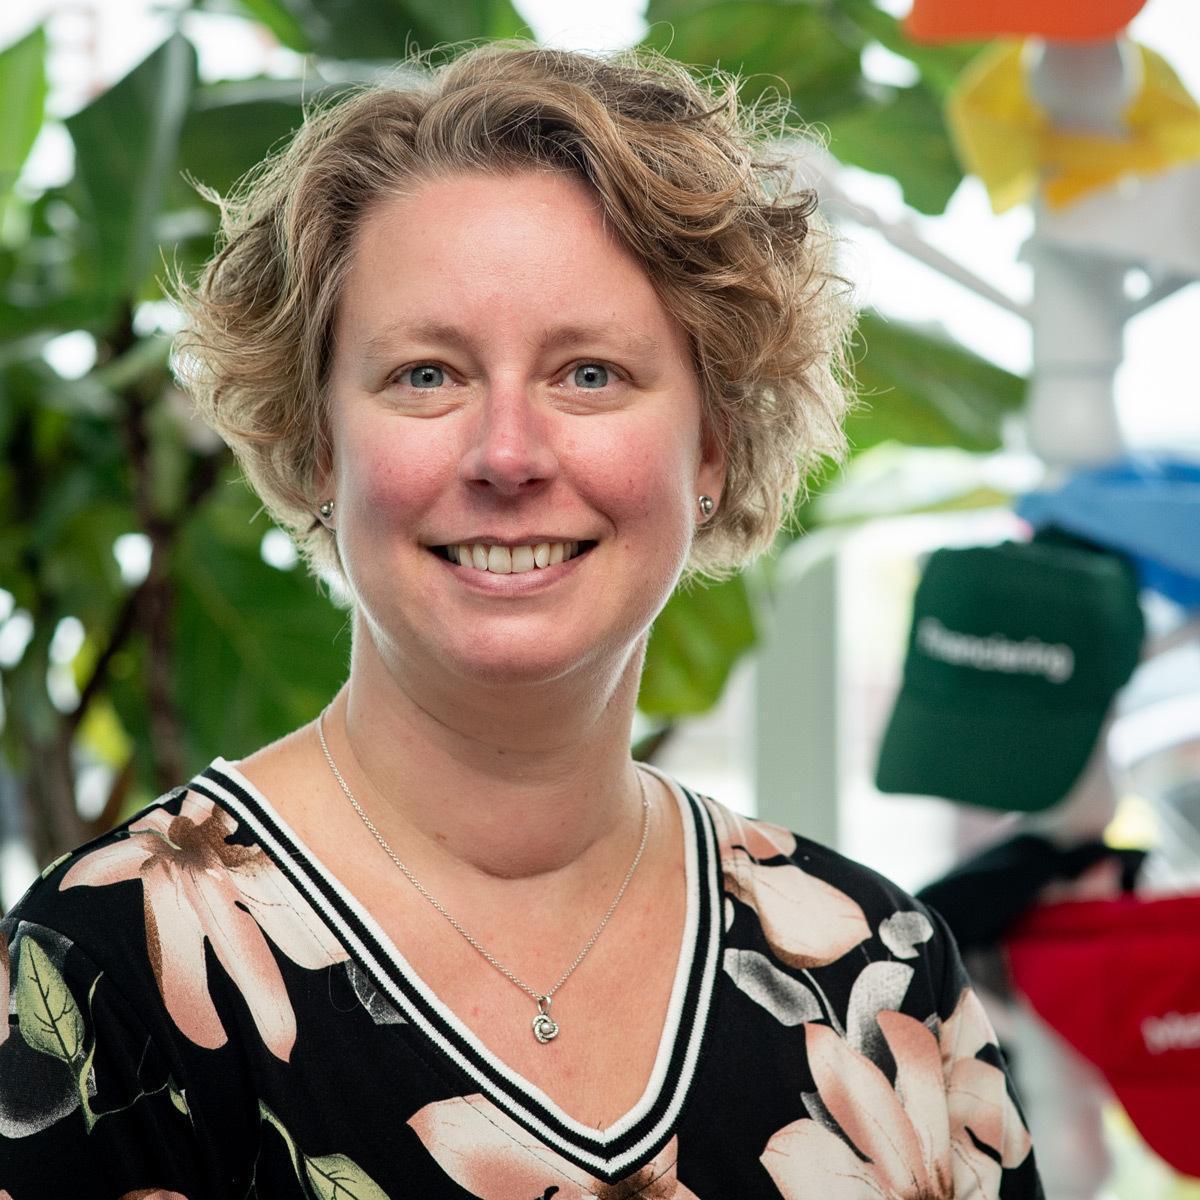 Annerie Damen - assistent administratie & belastingconsulent in Apeldoorn